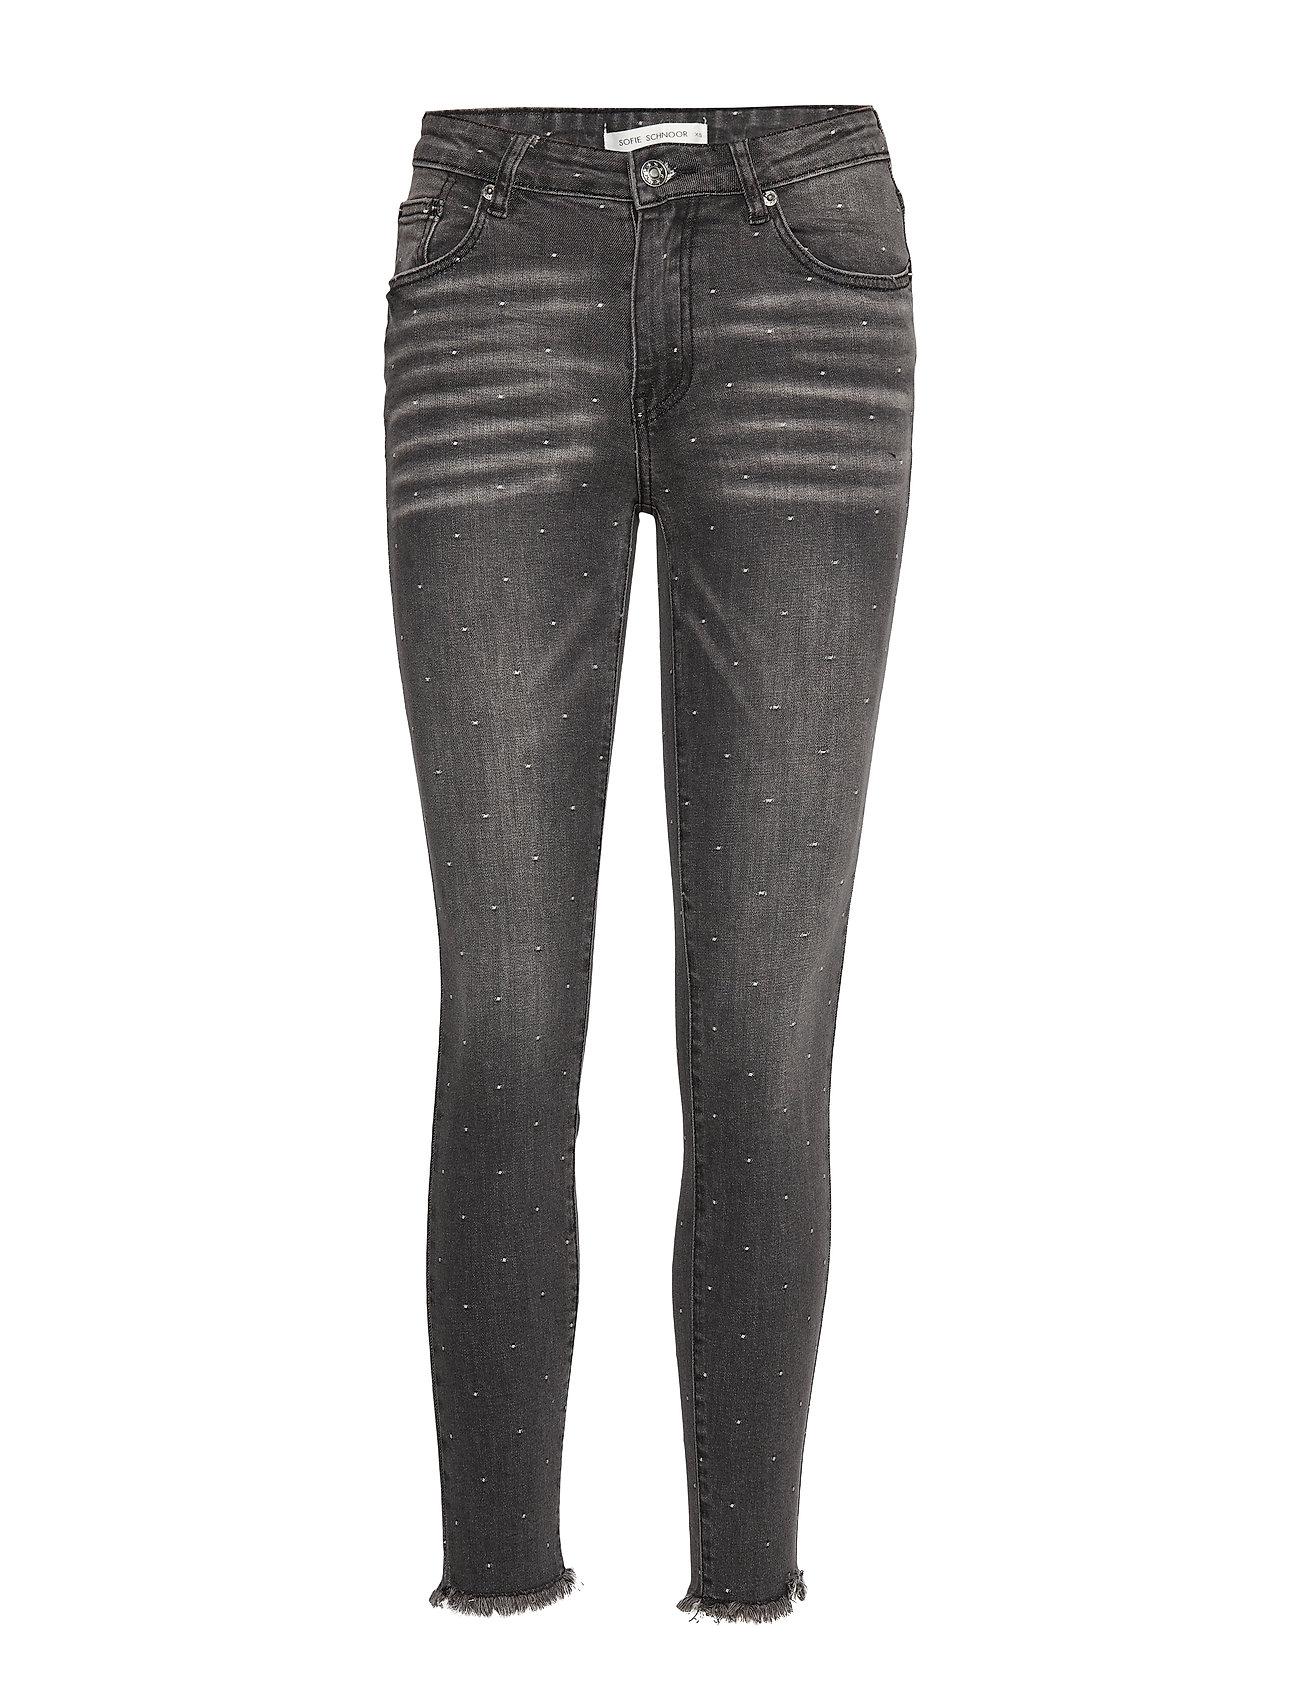 Sofie Schnoor Jeans - BLACK